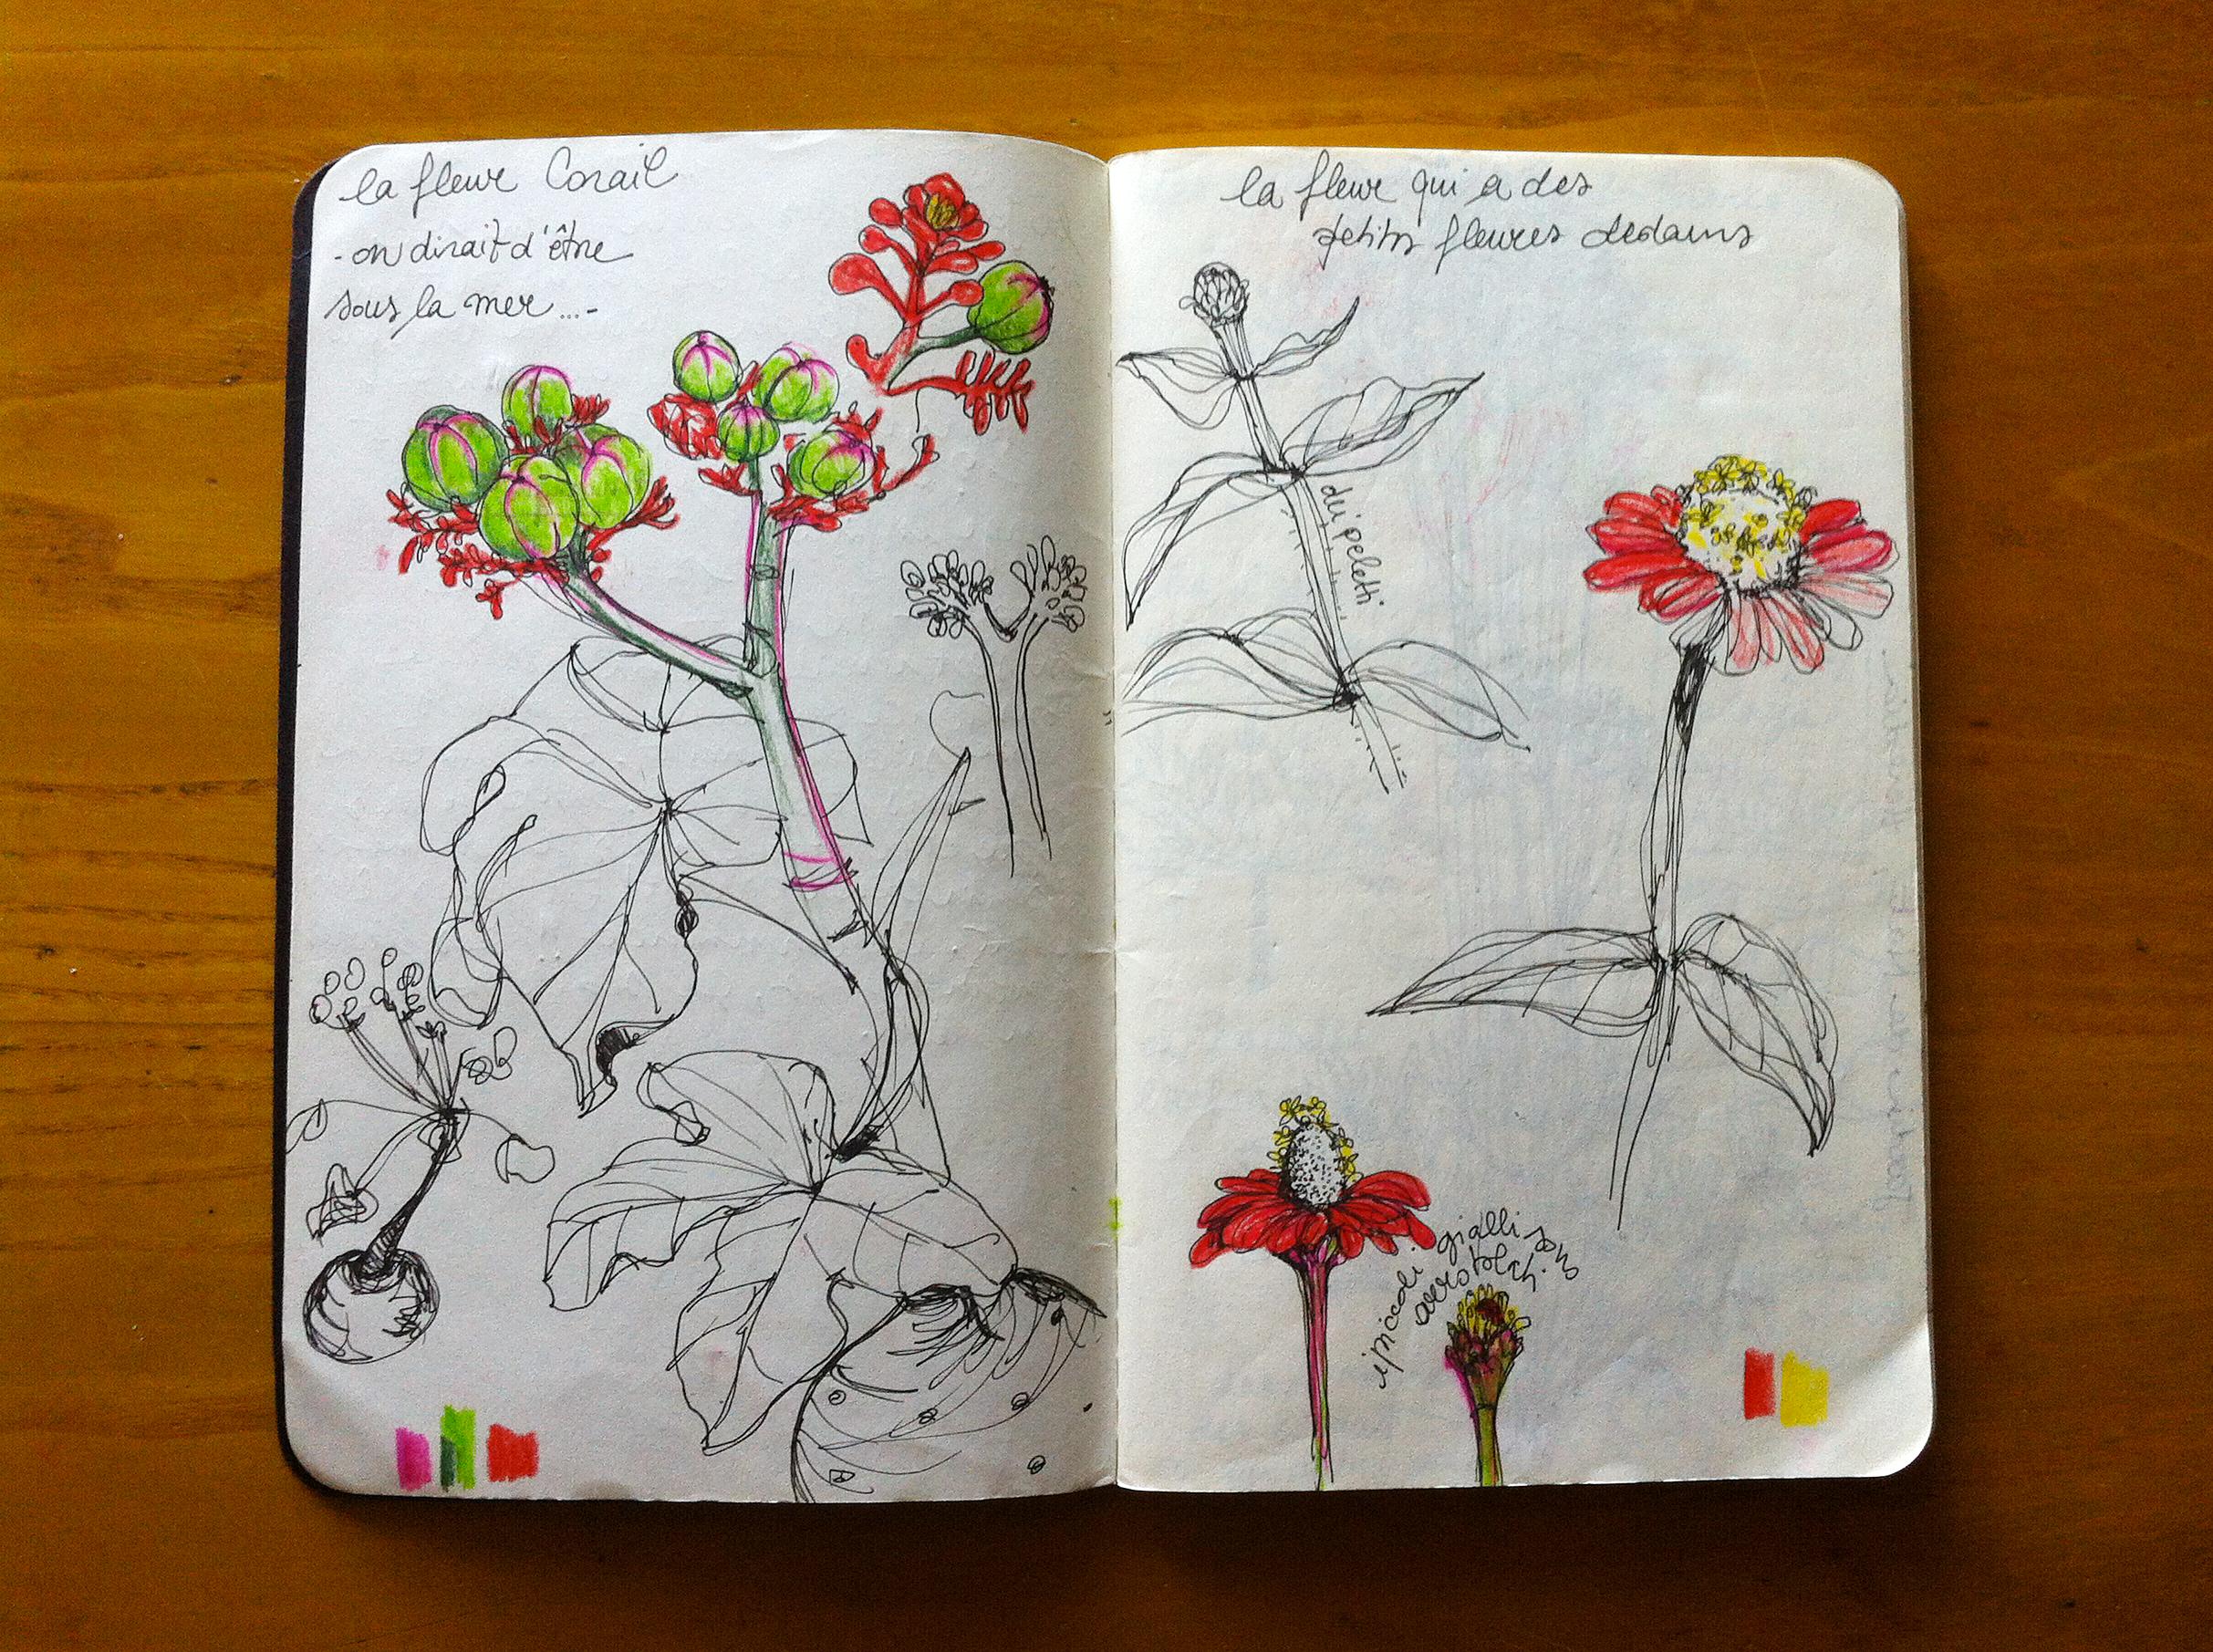 Costa Rica - la fleur corail - Silvia Robertelli